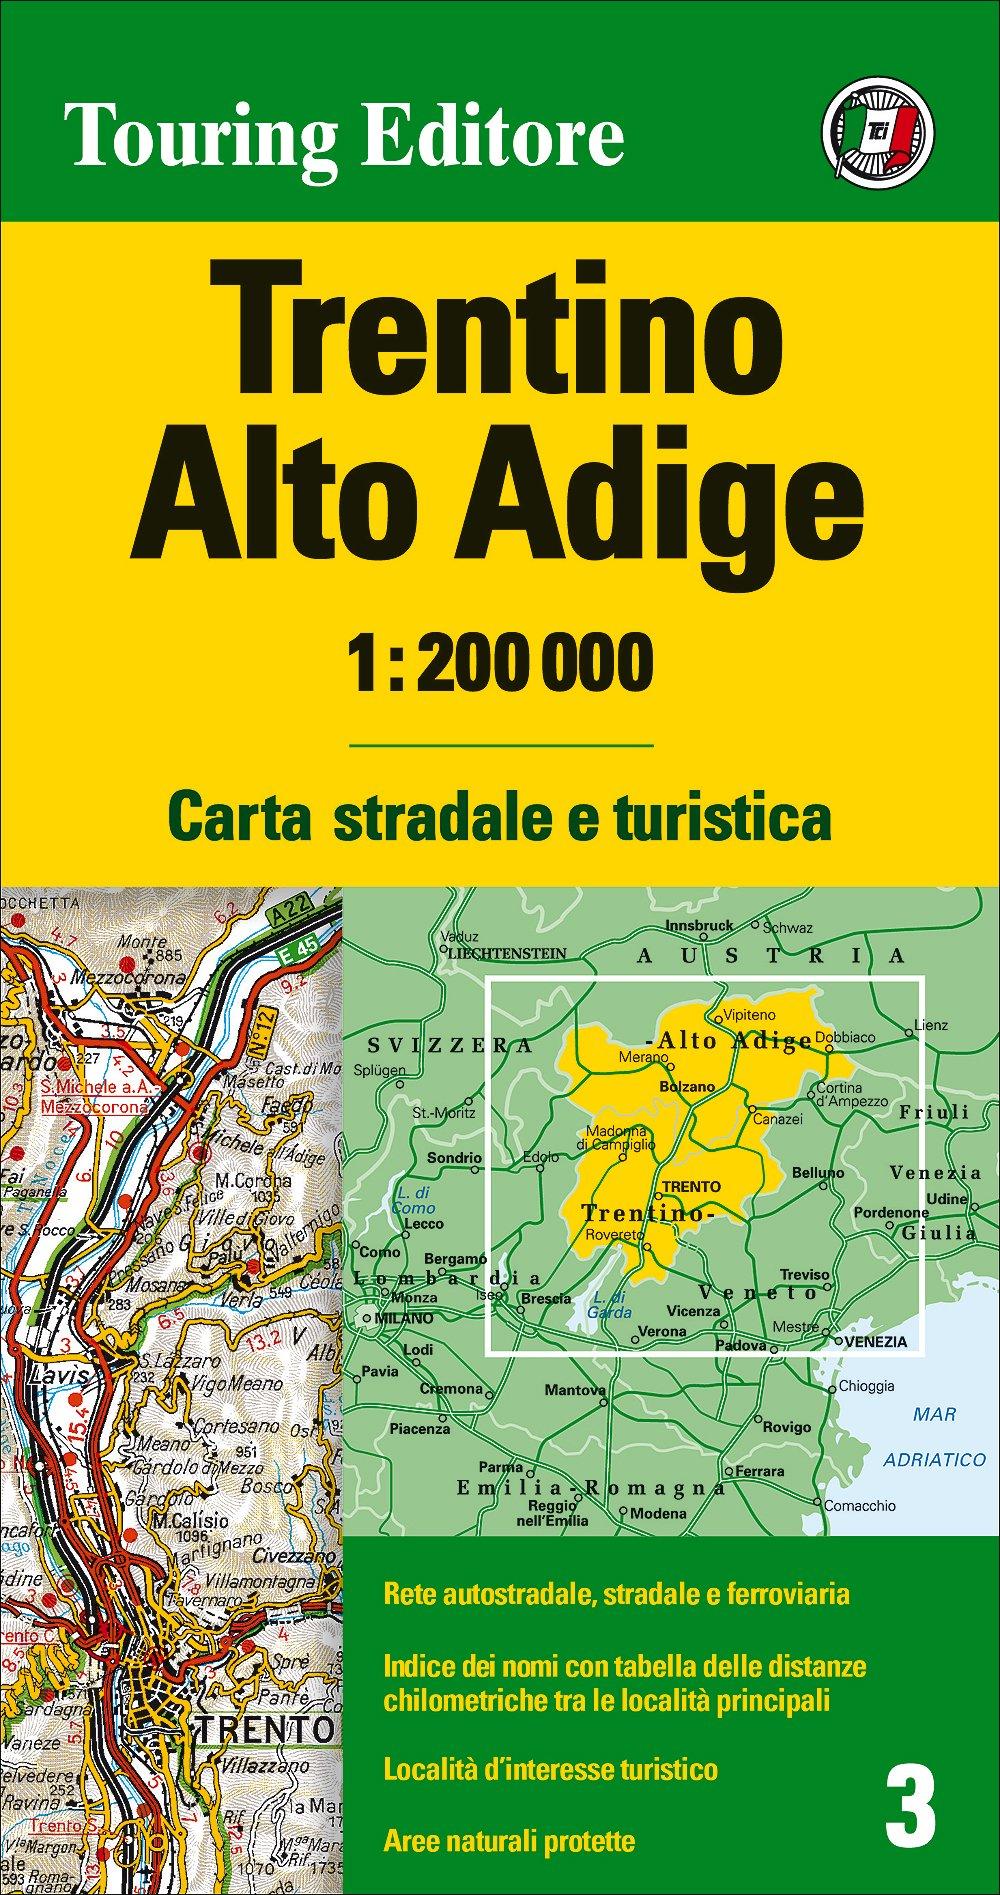 Cartina Stradale Veneto Trentino.Amazon It Trentino Alto Adige 1 200 000 Lingua Inglese Aa Vv Libri In Altre Lingue